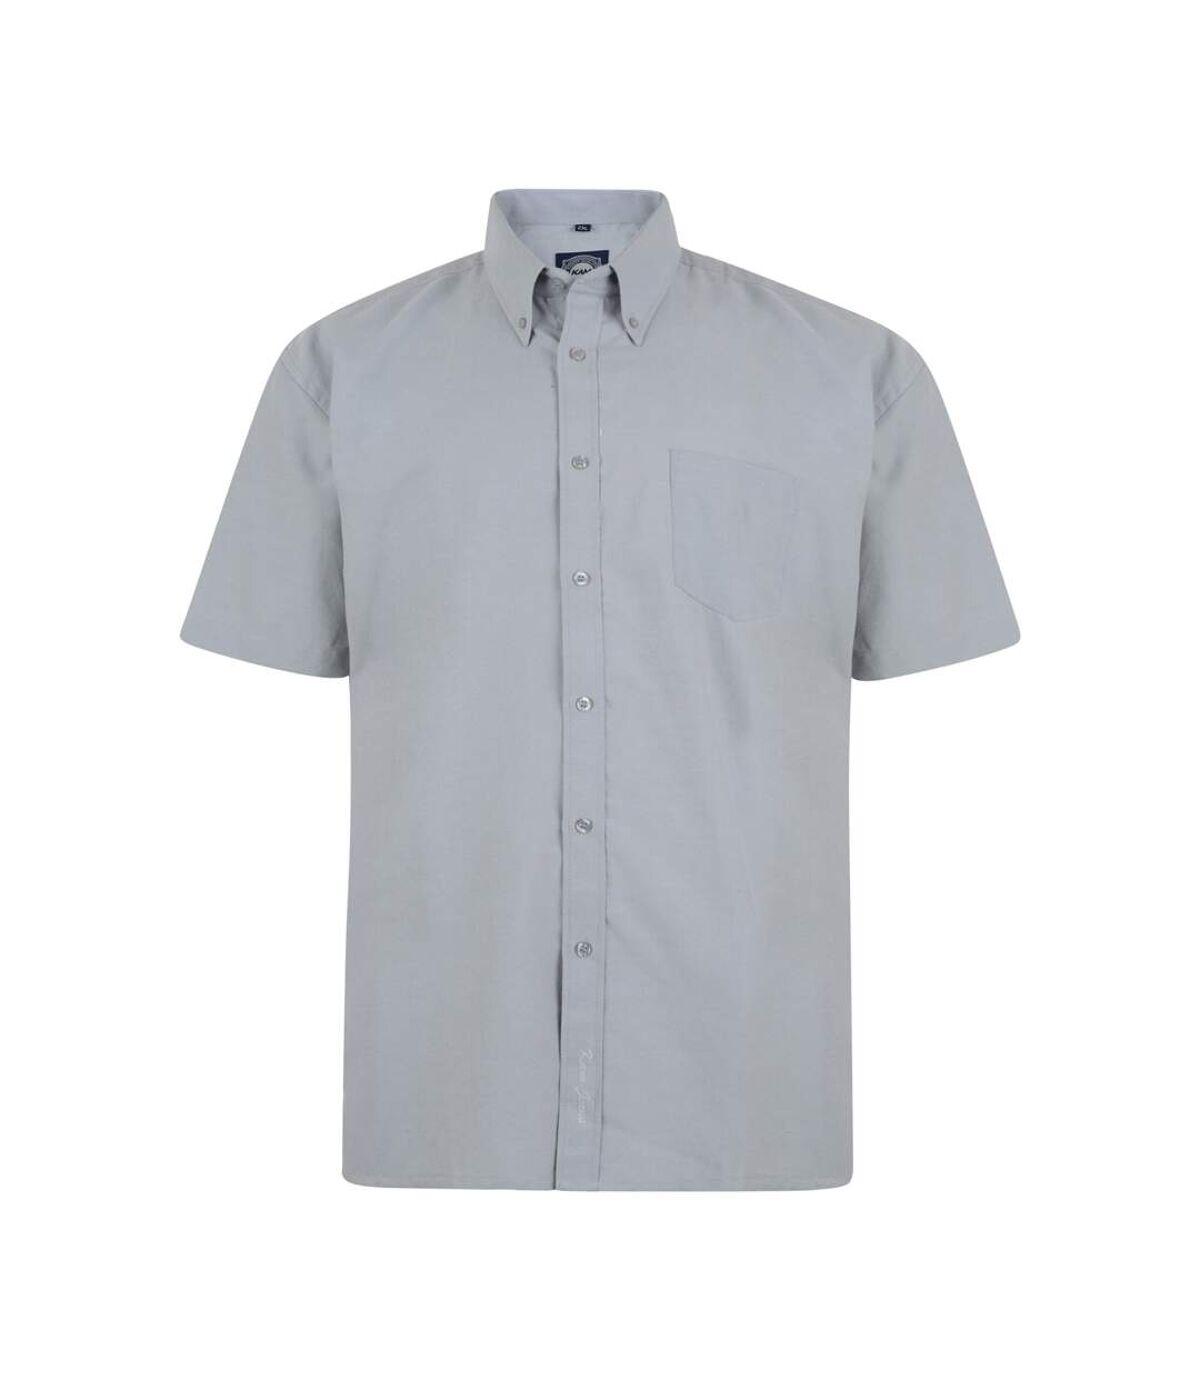 Kam Jeanswear Mens Short Sleeve Oxford Shirt (Grey) - UTKJ158